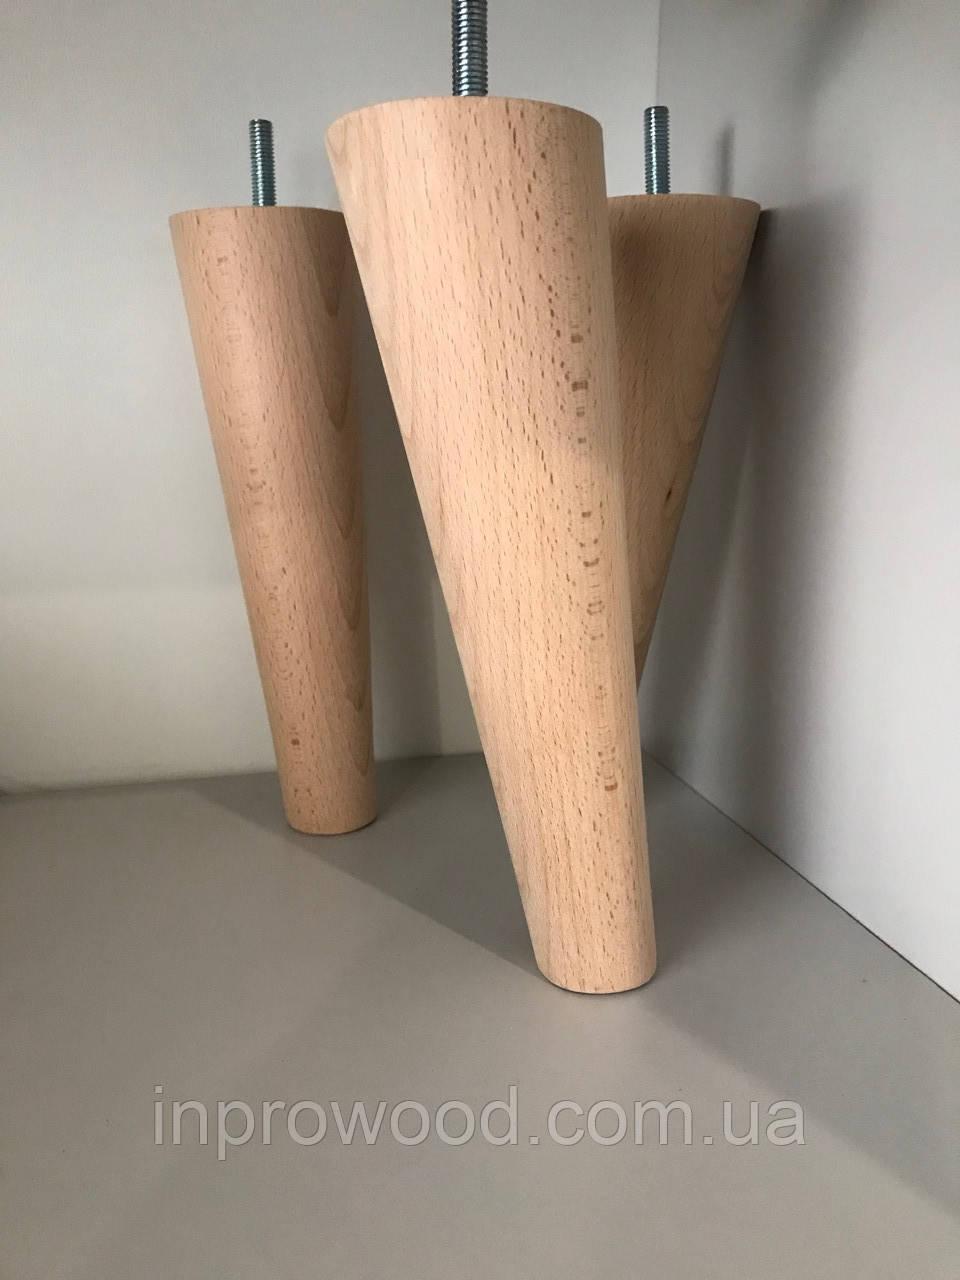 Деревянная мебельная ножка, мебельная опора БУК 200 мм